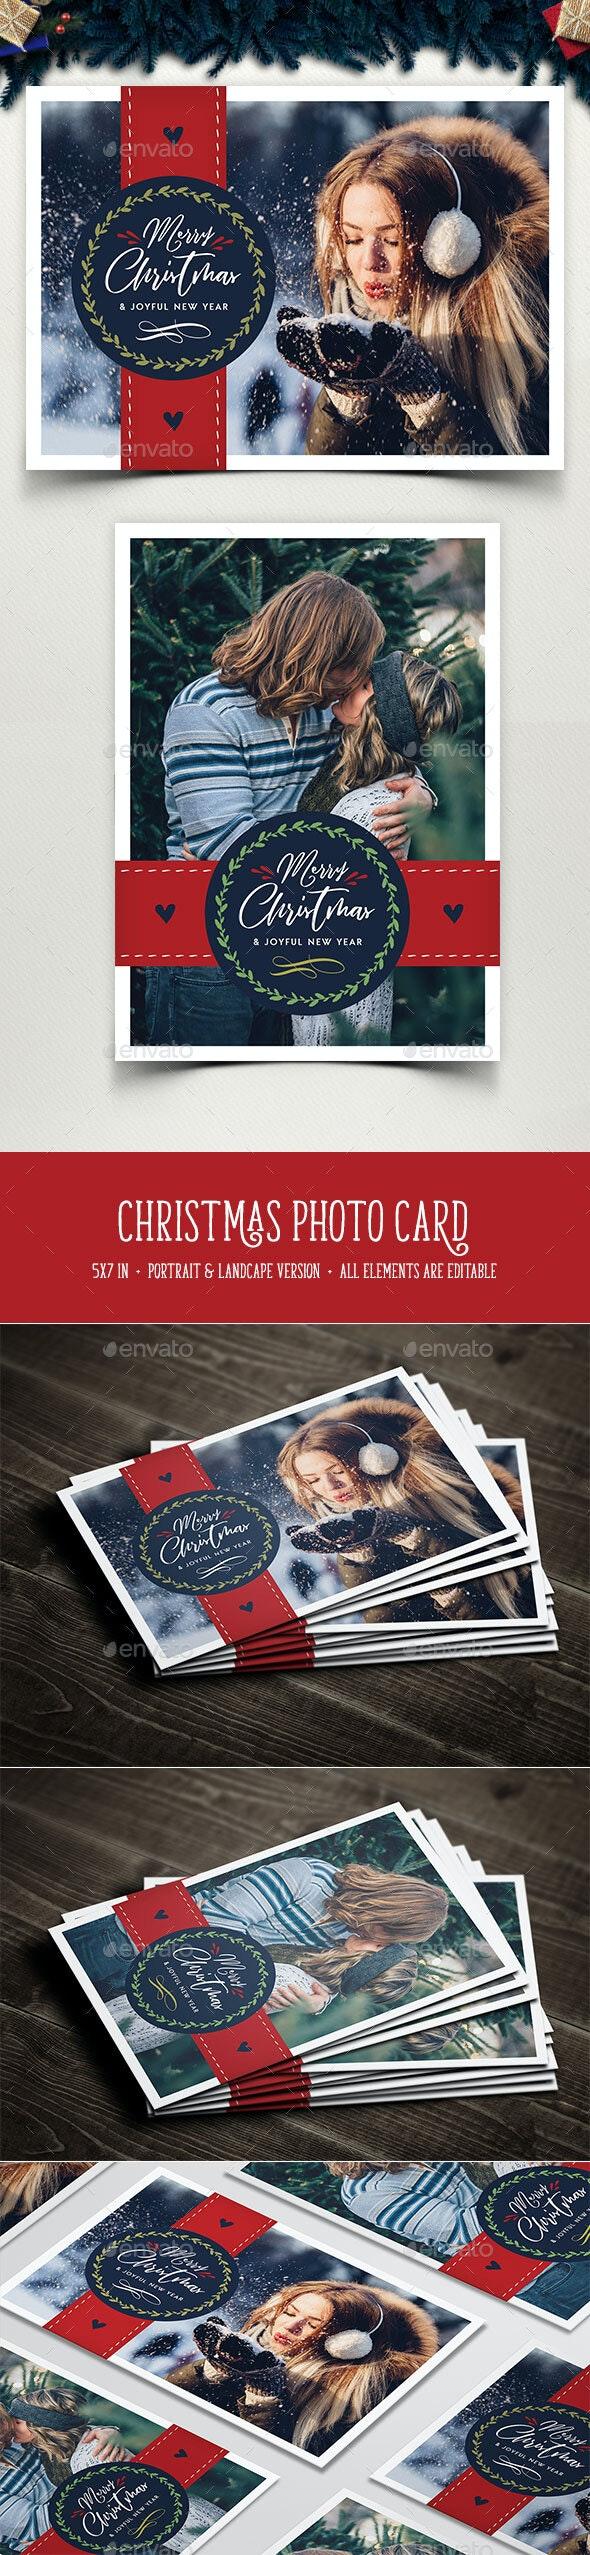 Christmas Photo Card - Christmas Greeting Cards